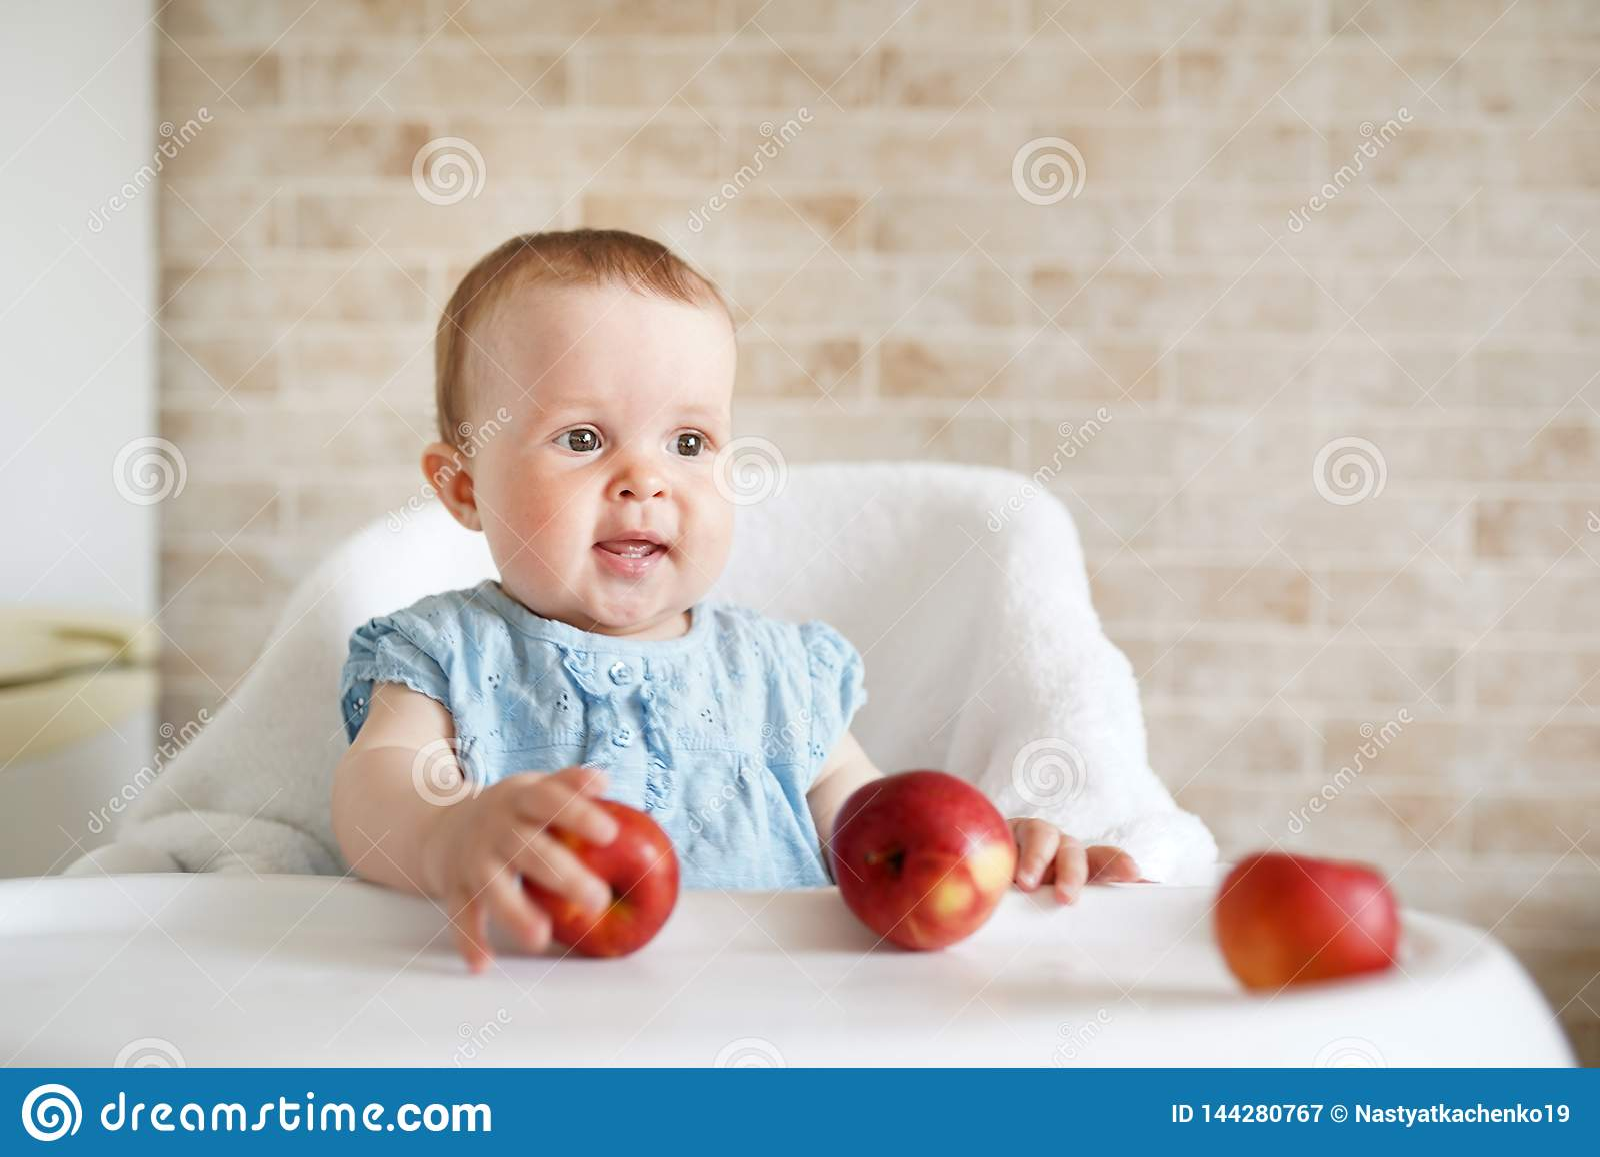 Μωρό που τρώει τα φρούτα Μικρό κορίτσι που δαγκώνει την κίτρινη συνεδρίαση μήλων στην άσπρη υψηλή καρέκλα στην ηλιόλουστη κουζίνα